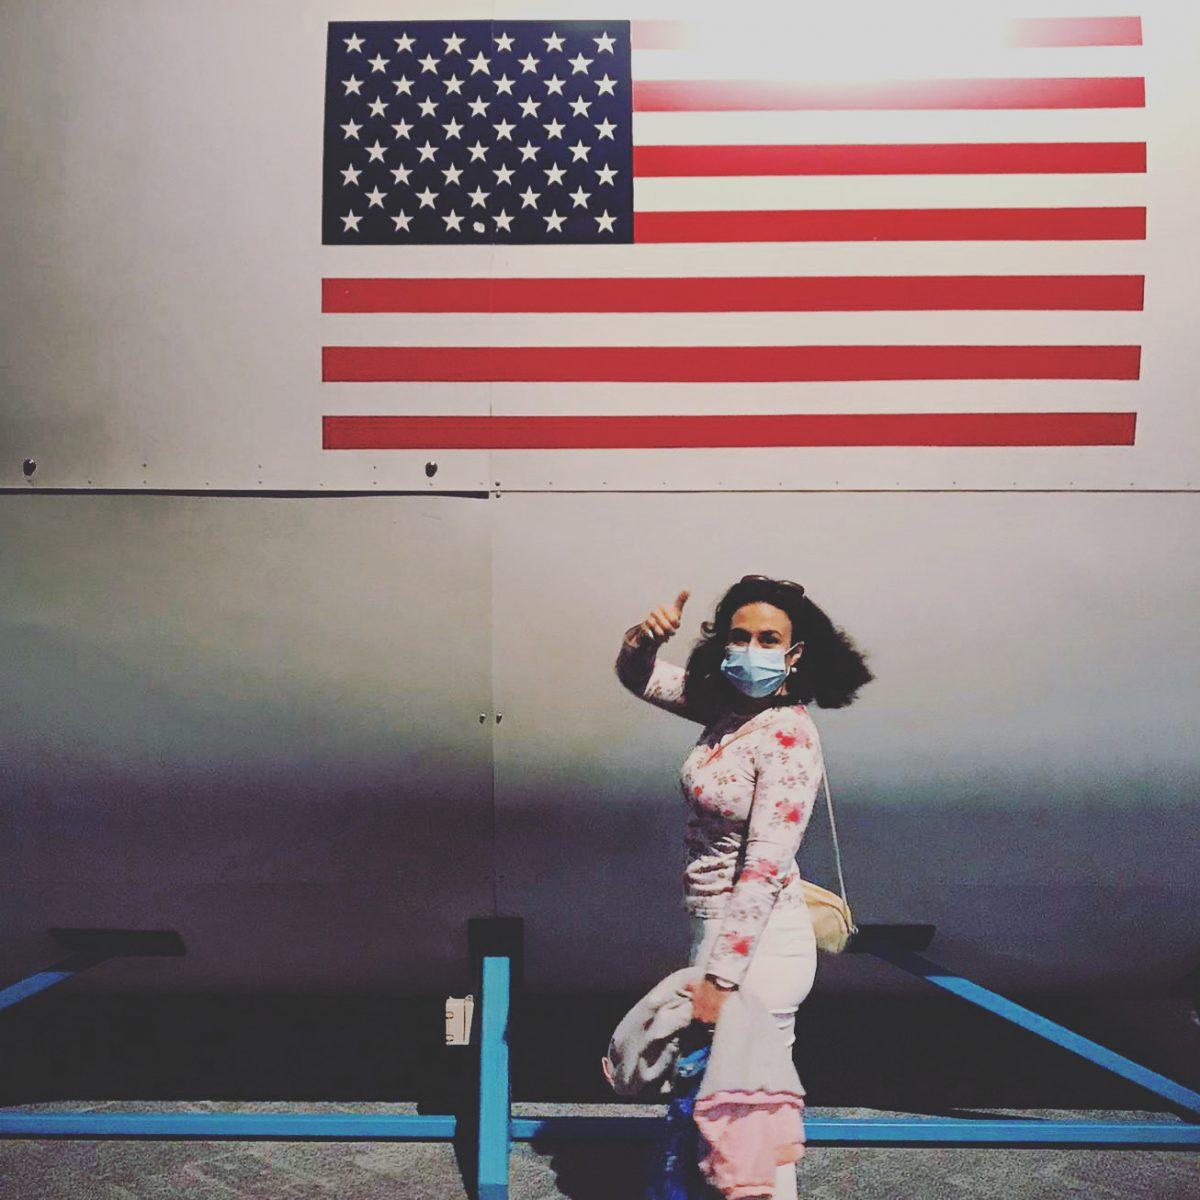 Η Βασιλική Φαρσαδάκη συνεργάζεται με τη NASA και θα εμπνεύσει κάθε νέο κορίτσι να αγαπήσει τις θετικές επιστήμες